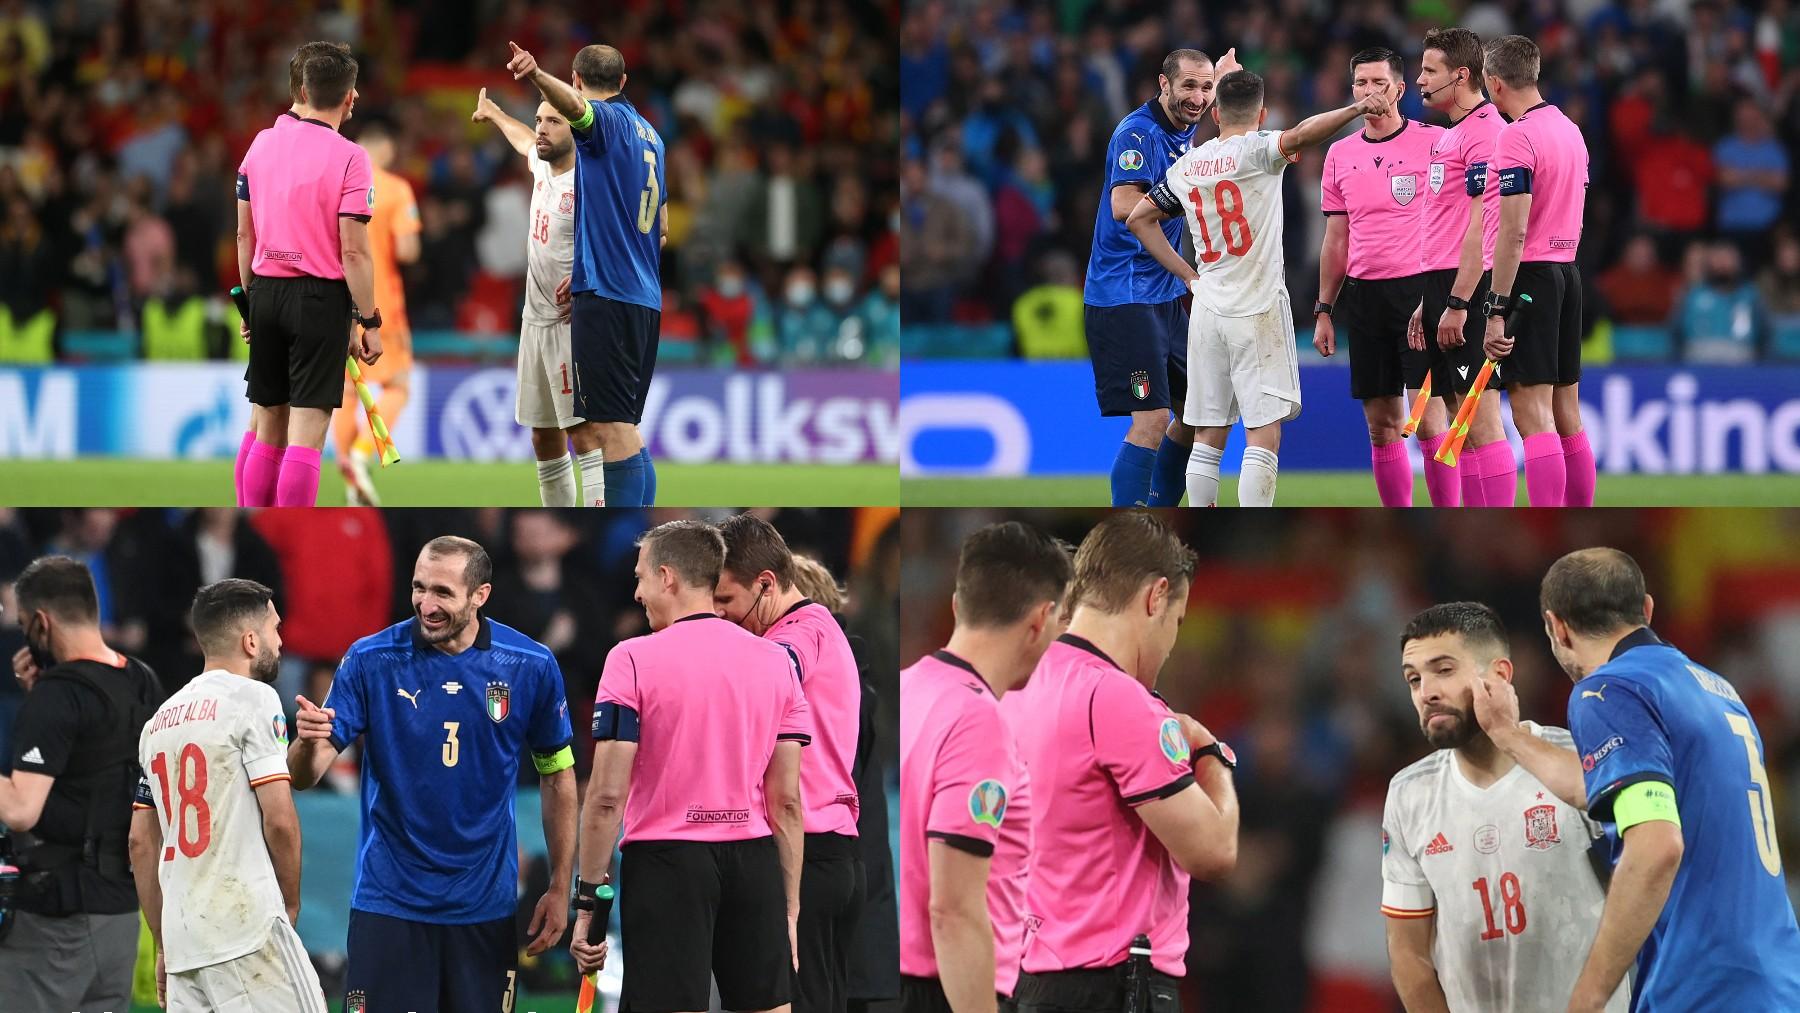 La secuencia de Jordi Alba y Chiellini.